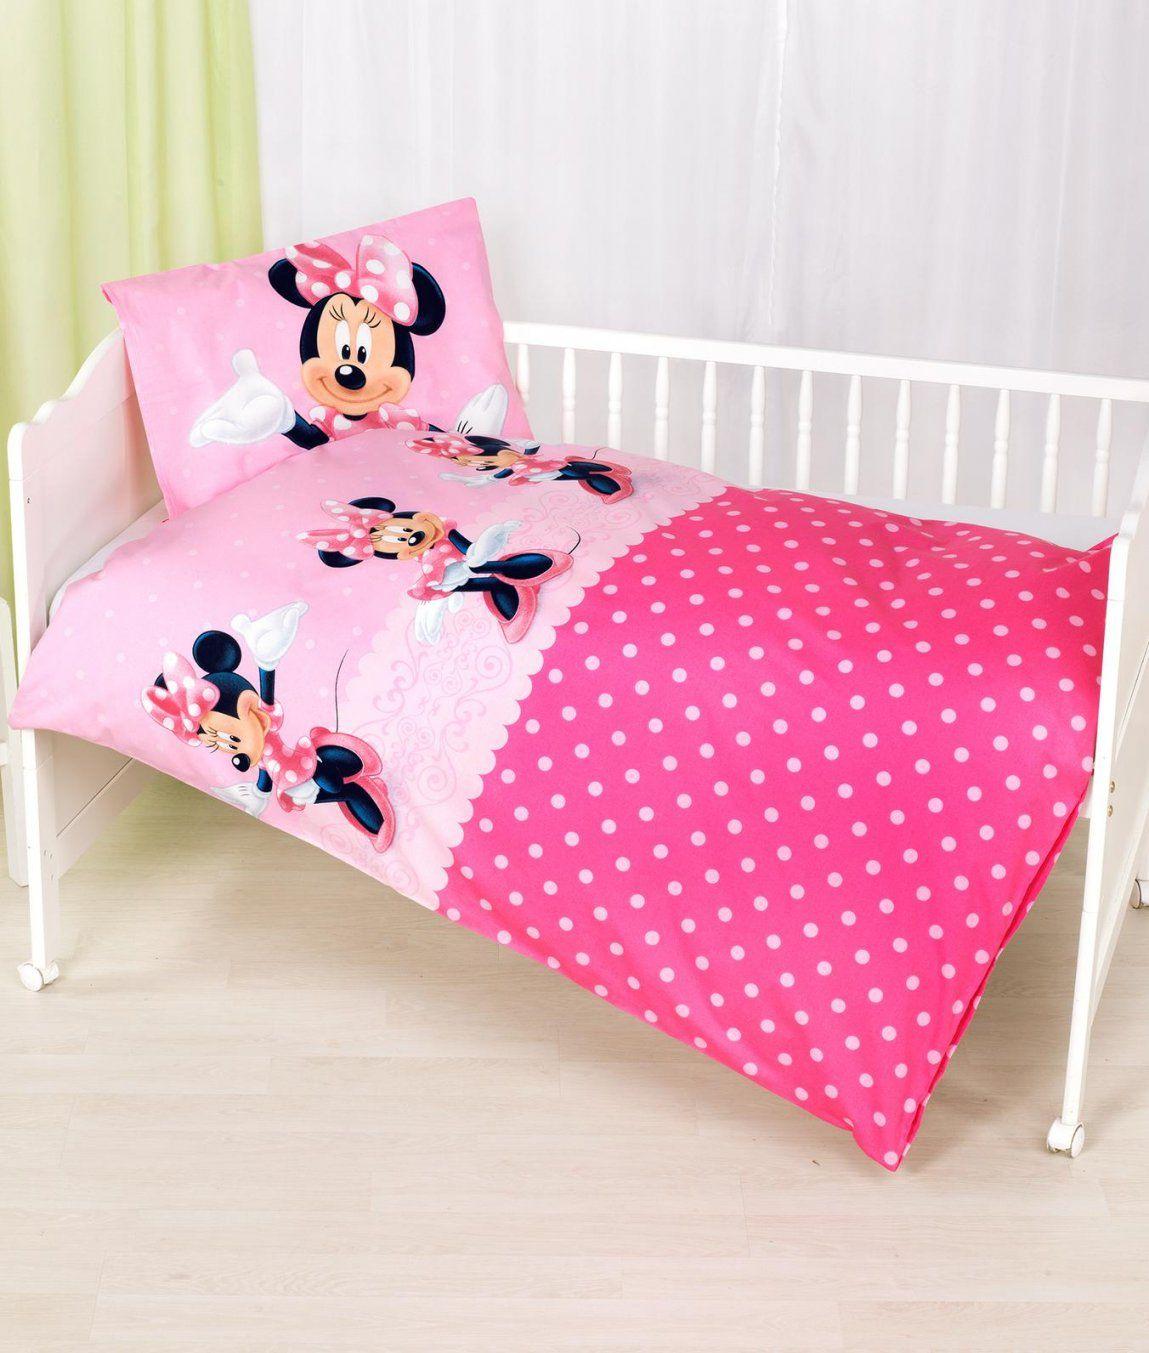 Babybettwäsche Garnitur Minnie Mouse Kaufen  Angela Bruderer von Kinderbettwäsche Minnie Mouse Bild